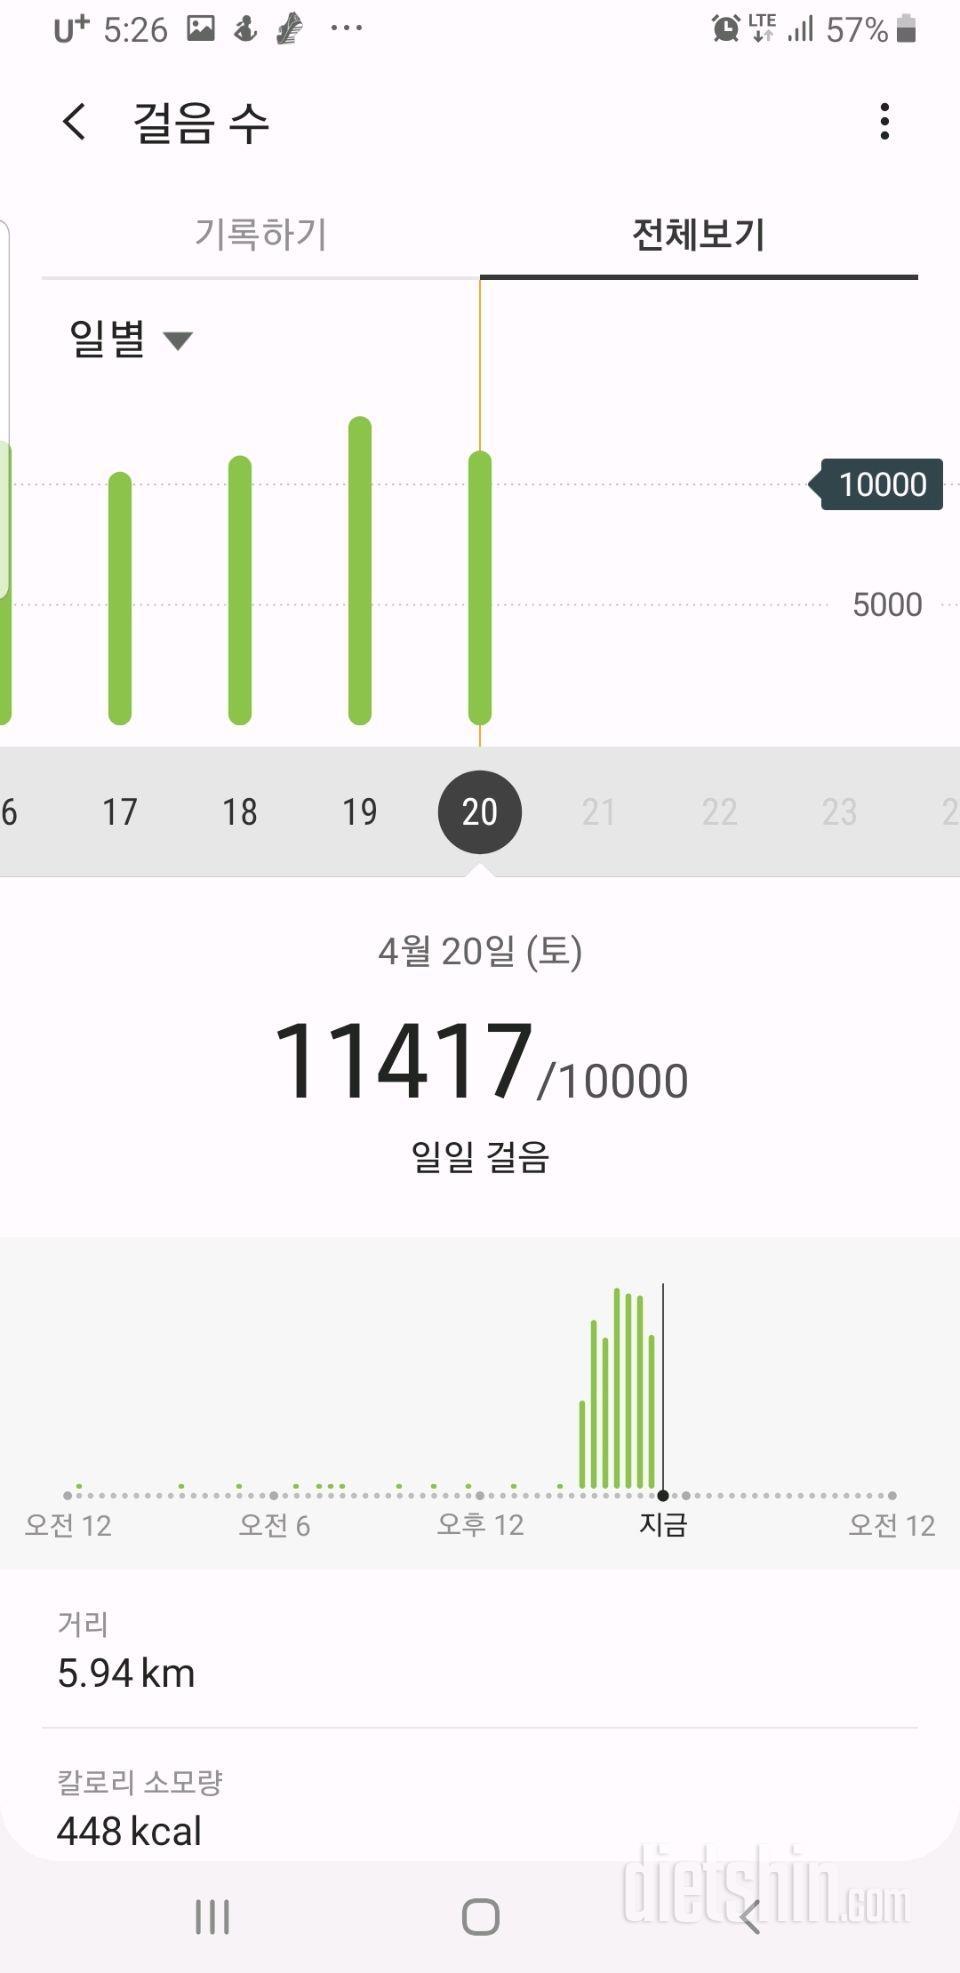 30일 만보 걷기 22일차 성공!